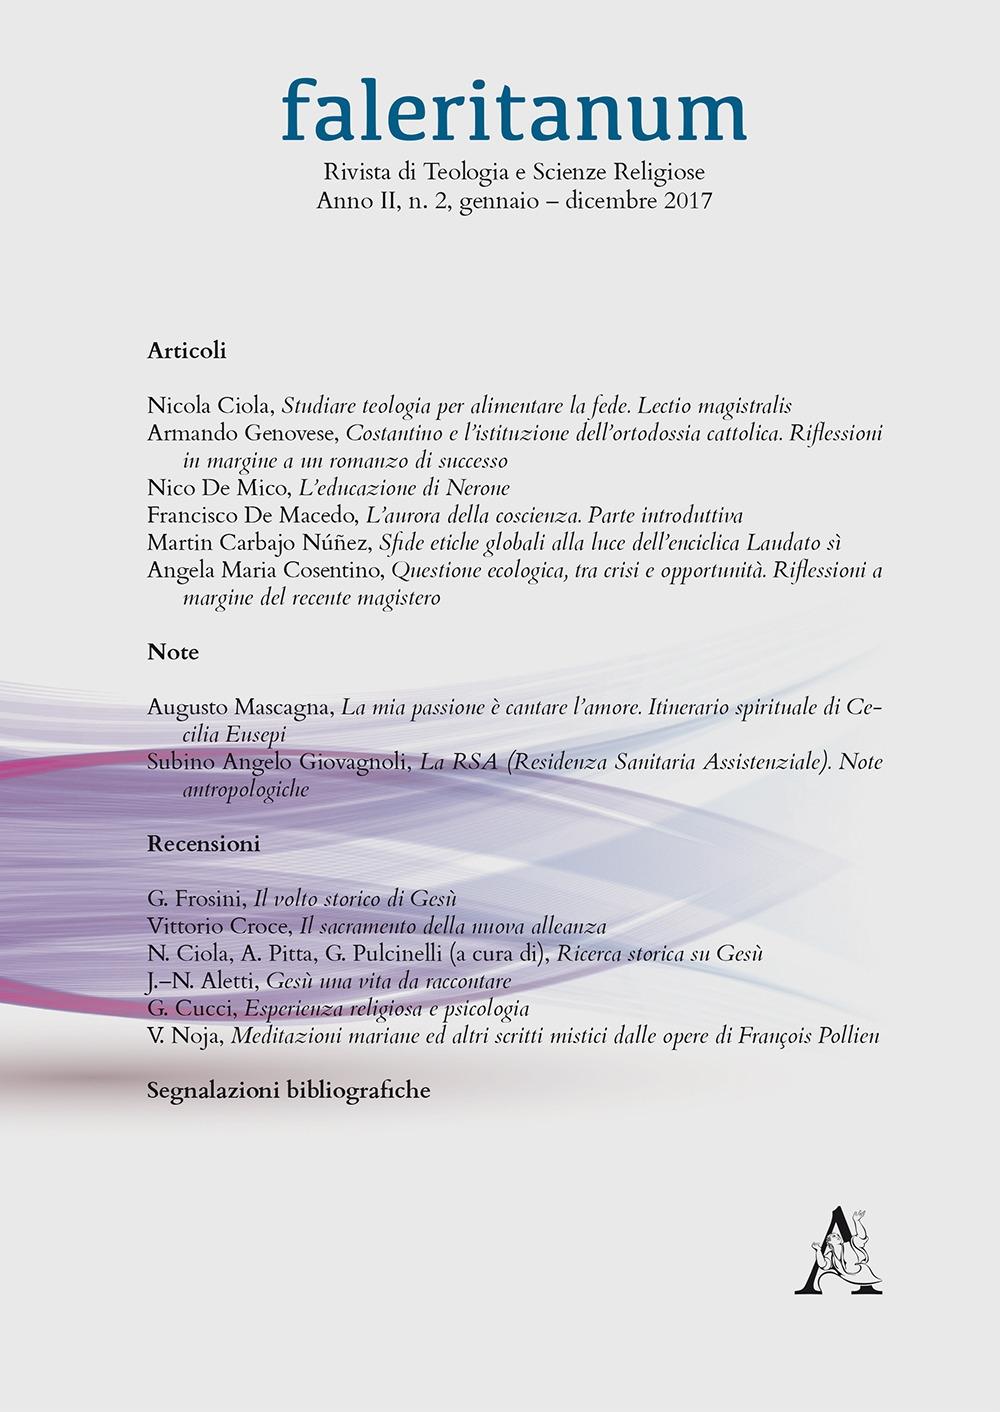 Faleritanum. Rivista di teologia e scienze religiose (2017). Vol. 2